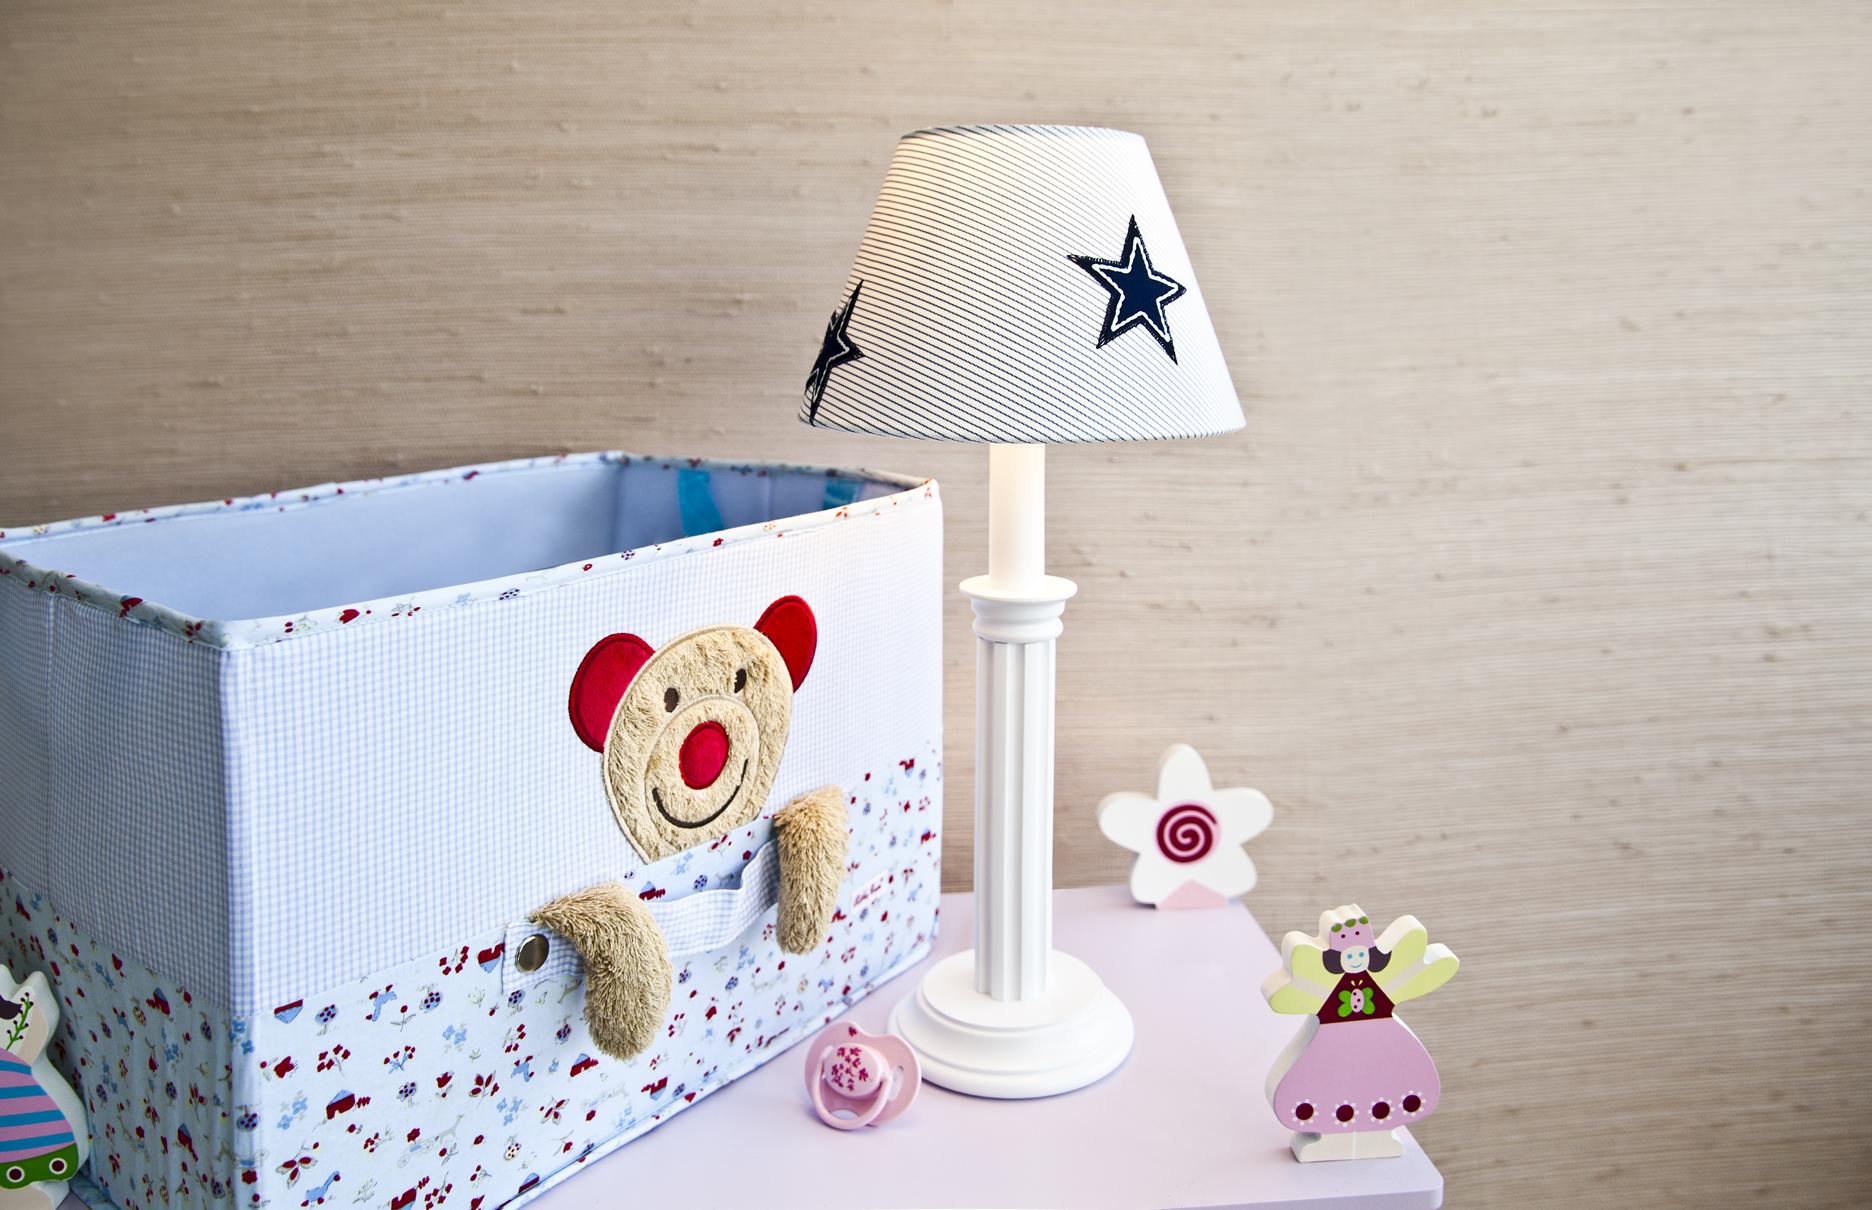 c36e2919f3c0 Покупая корзину для игрушек, Вы можете научить малыша поддерживать в  комнате порядок, украсить детскую и приобрести ребенку значительный игровой  для многих ...